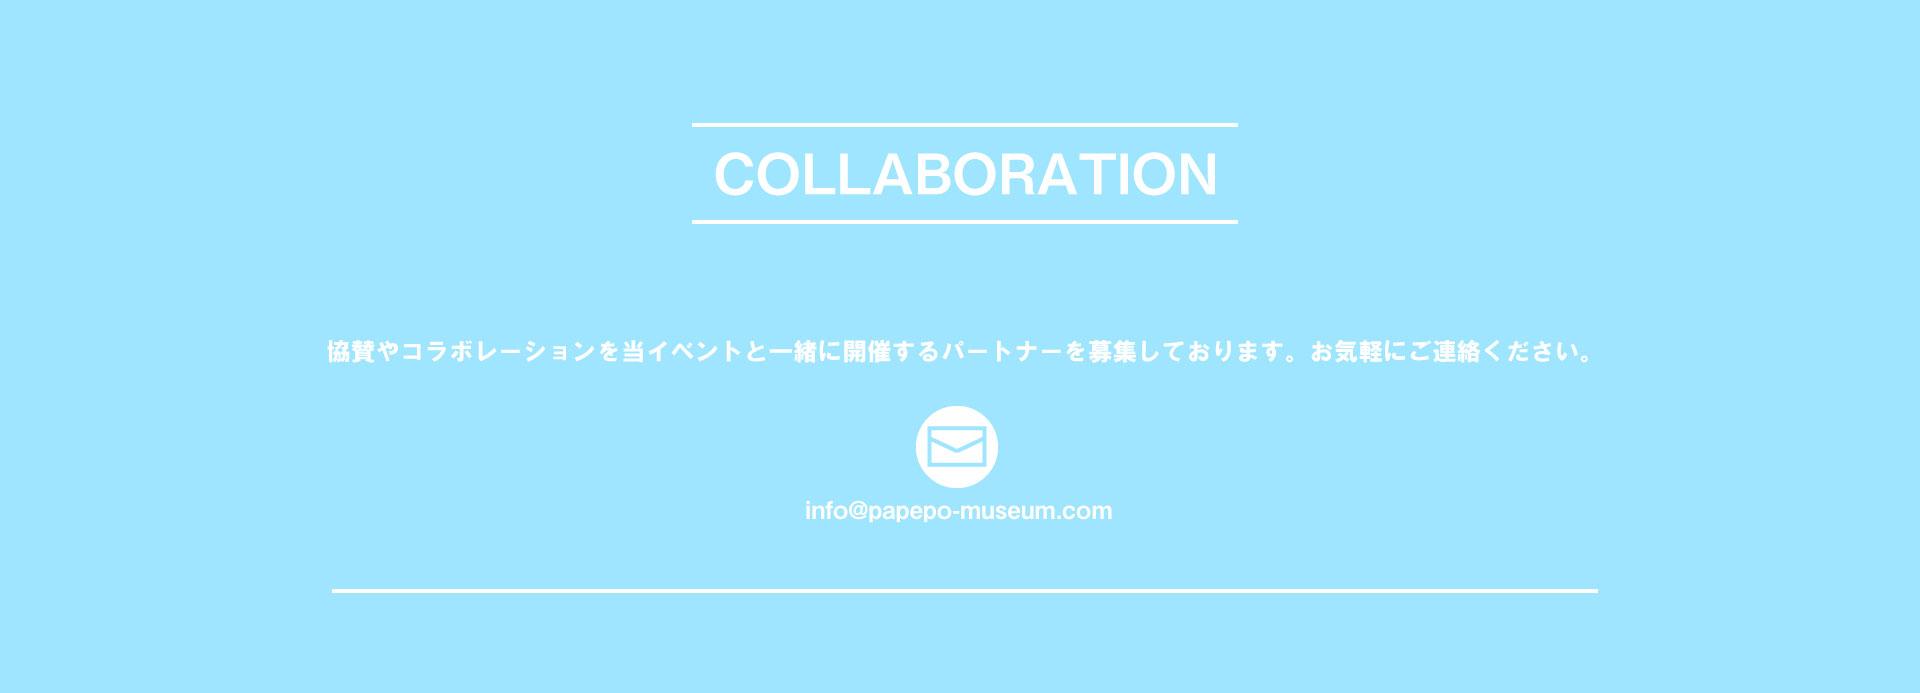 協賛やコラボレーションを当イベントと一緒に開催するパートナーを募集しております。お気軽にご連絡ください。